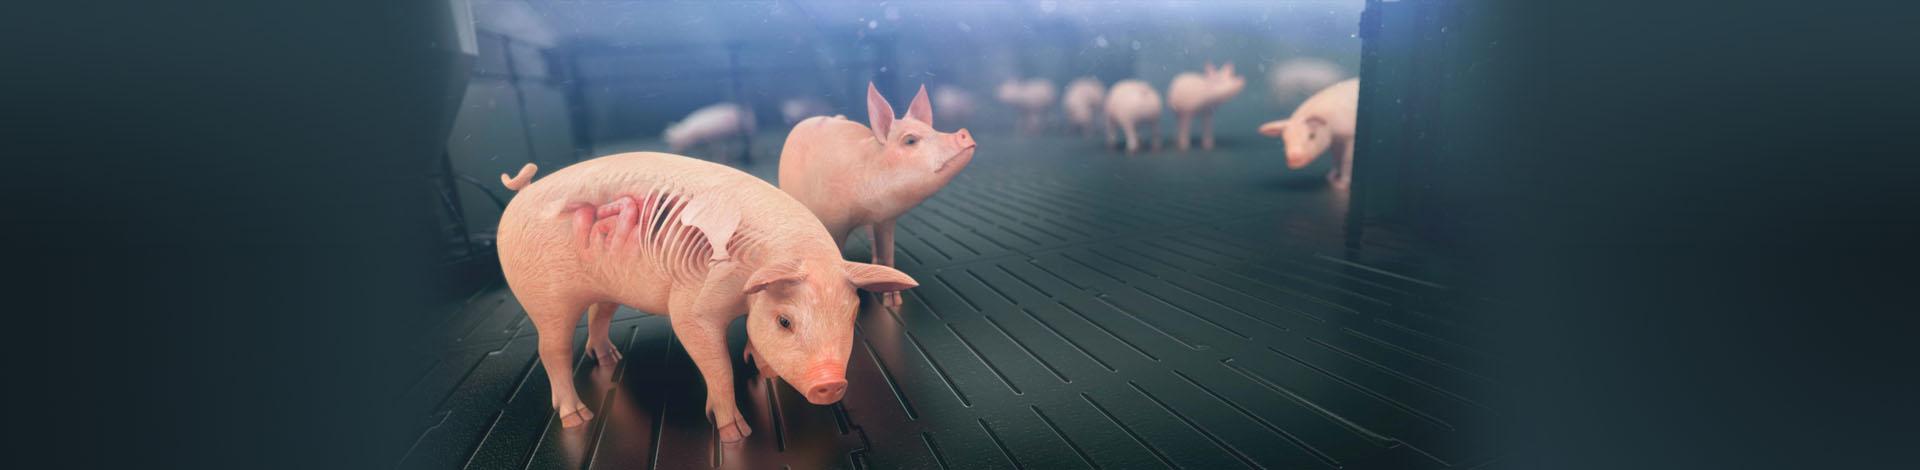 Slider Swine Veterinarians